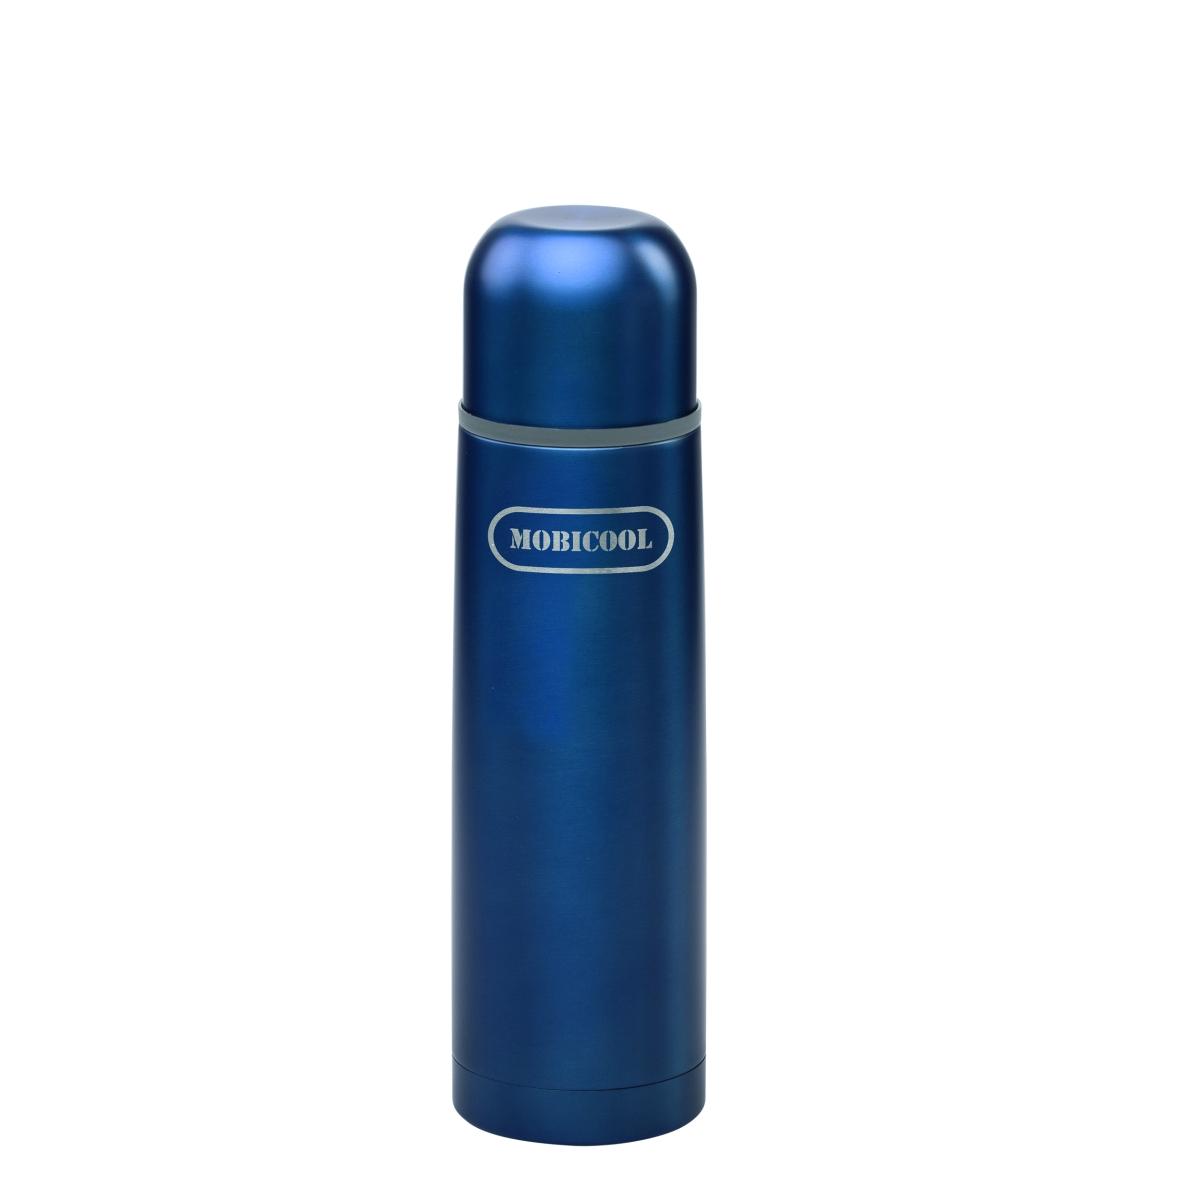 Mobicool Thermoskanne MDM50 0,5l